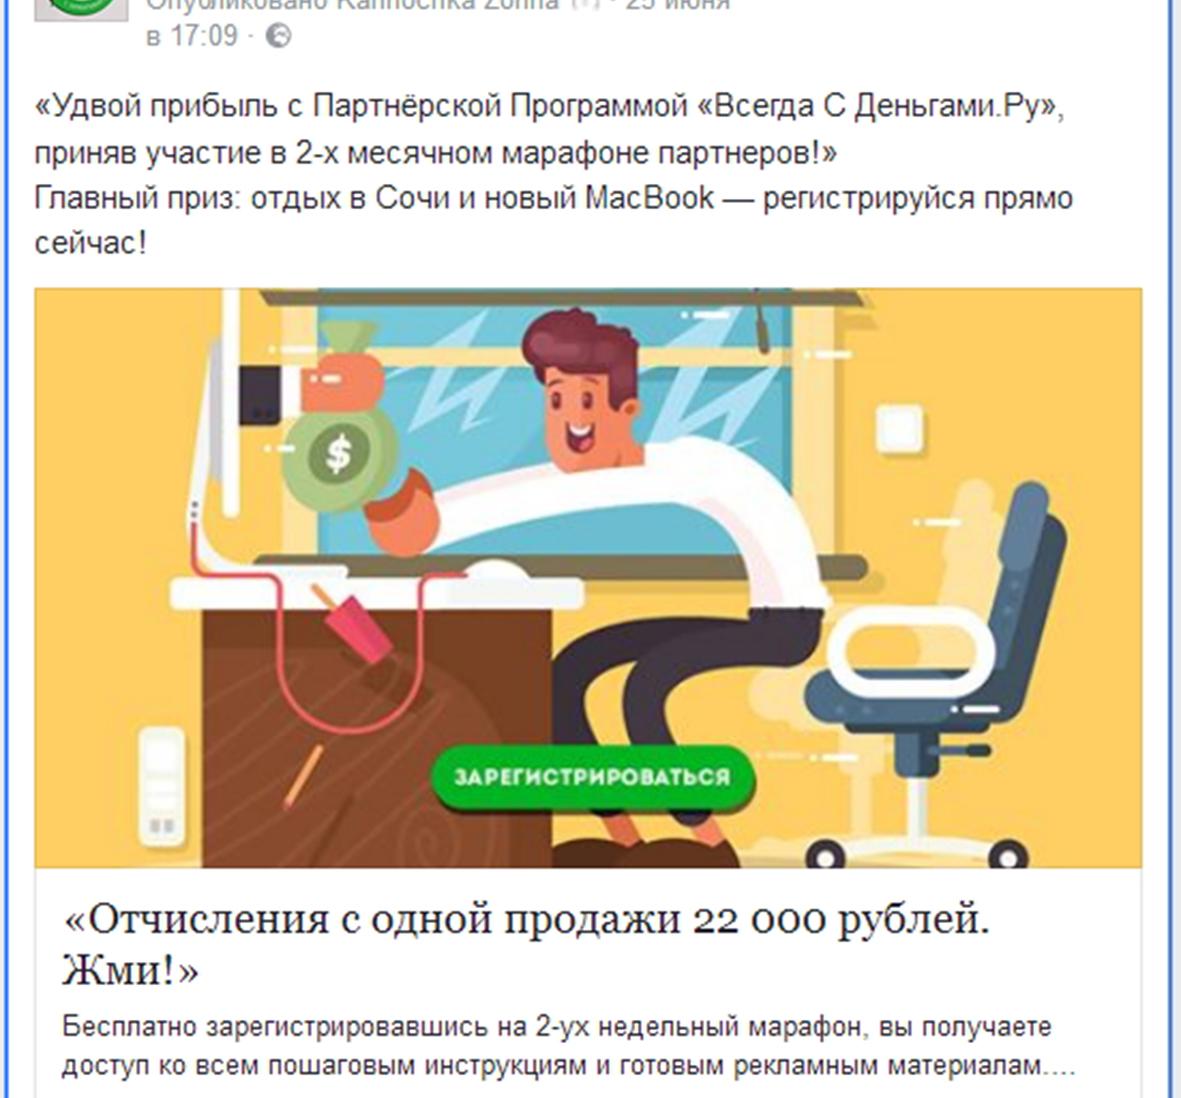 Созданное объявление для тестирования и возможного запуска по рекламе